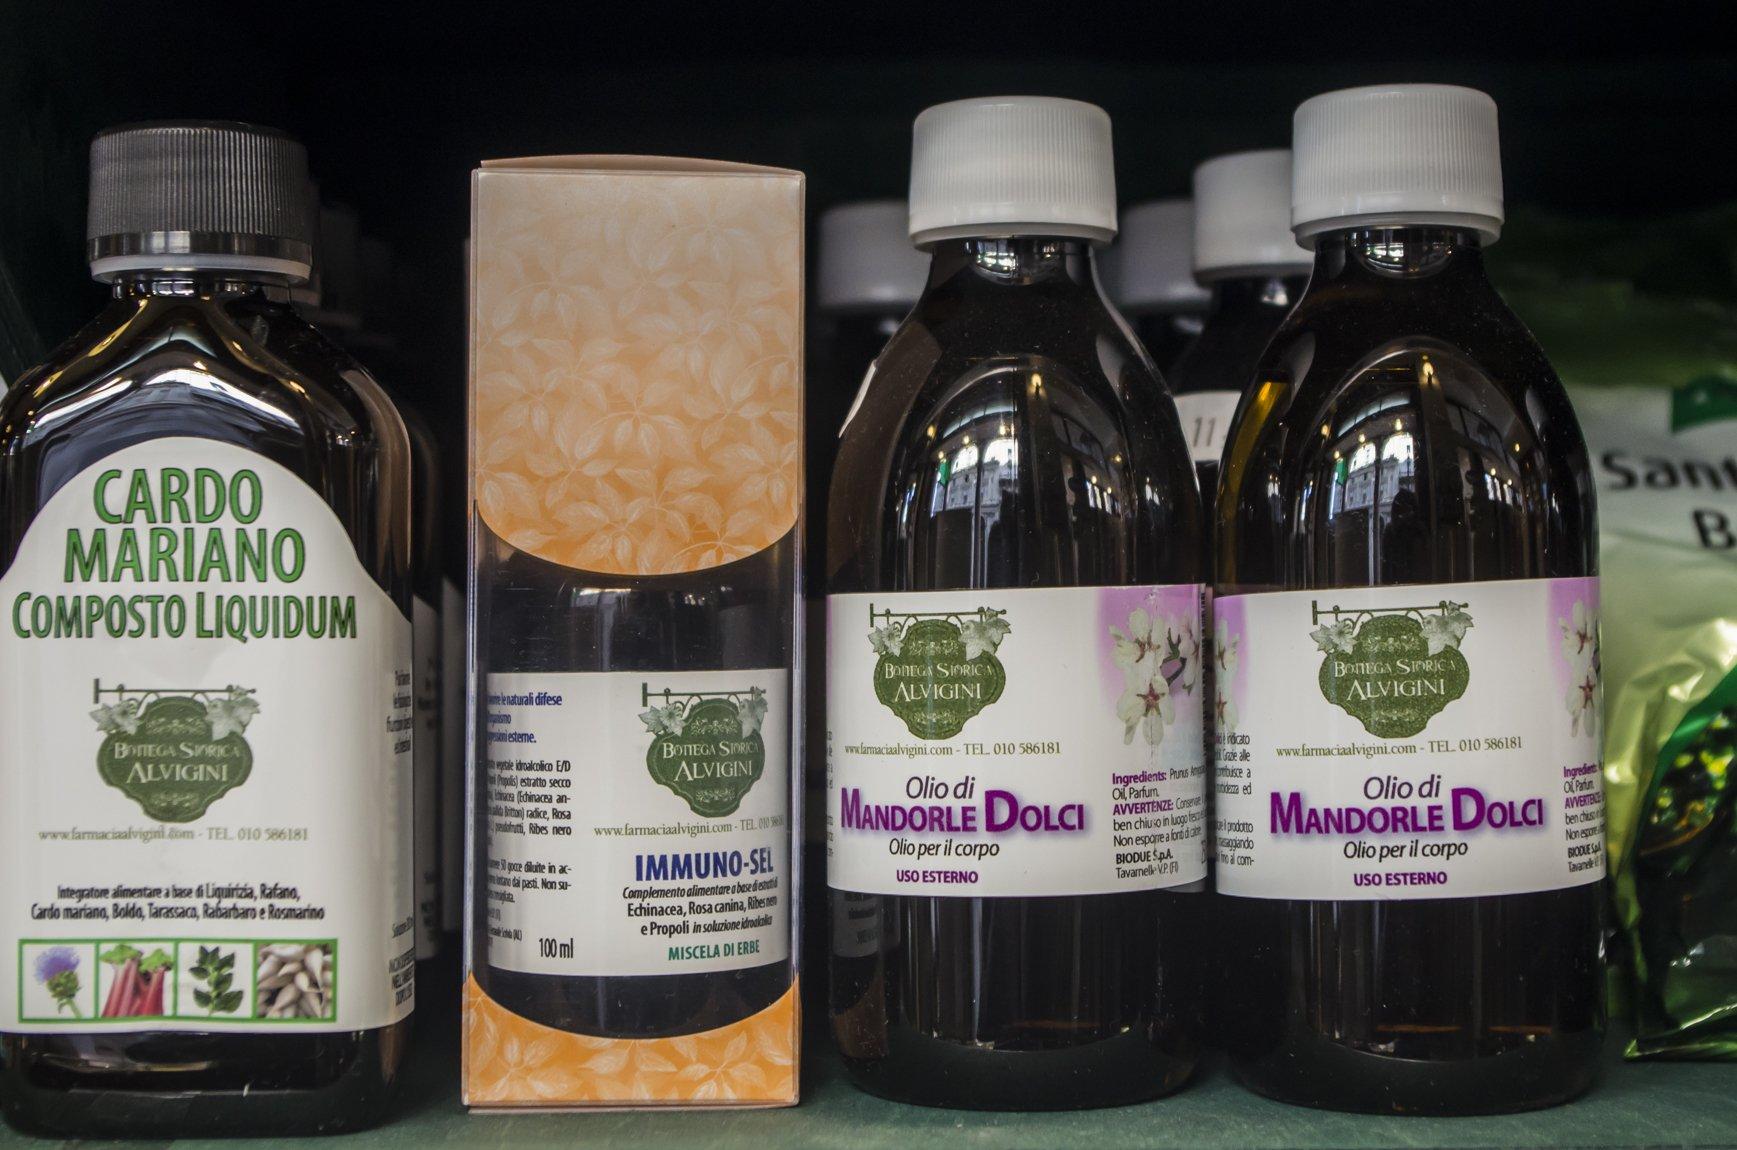 delle bottiglie di olio di mandorle dolci per il corpo